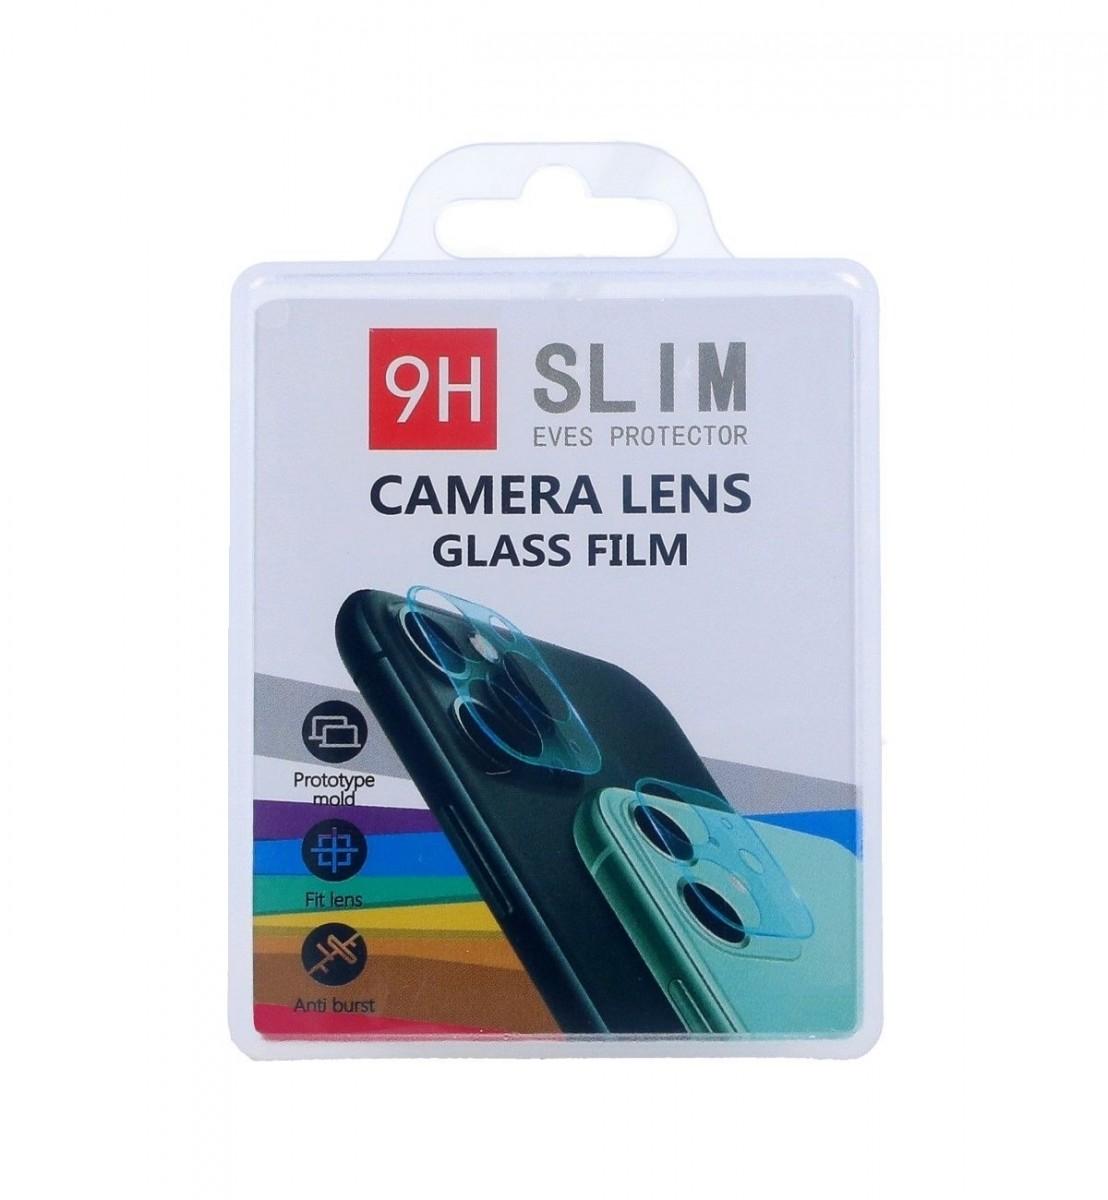 Tvrzené sklo TopQ na zadní fotoaparát Samsung A51 53710 (ochranné sklo na zadní čočku fotoaparátu Samsung A51)